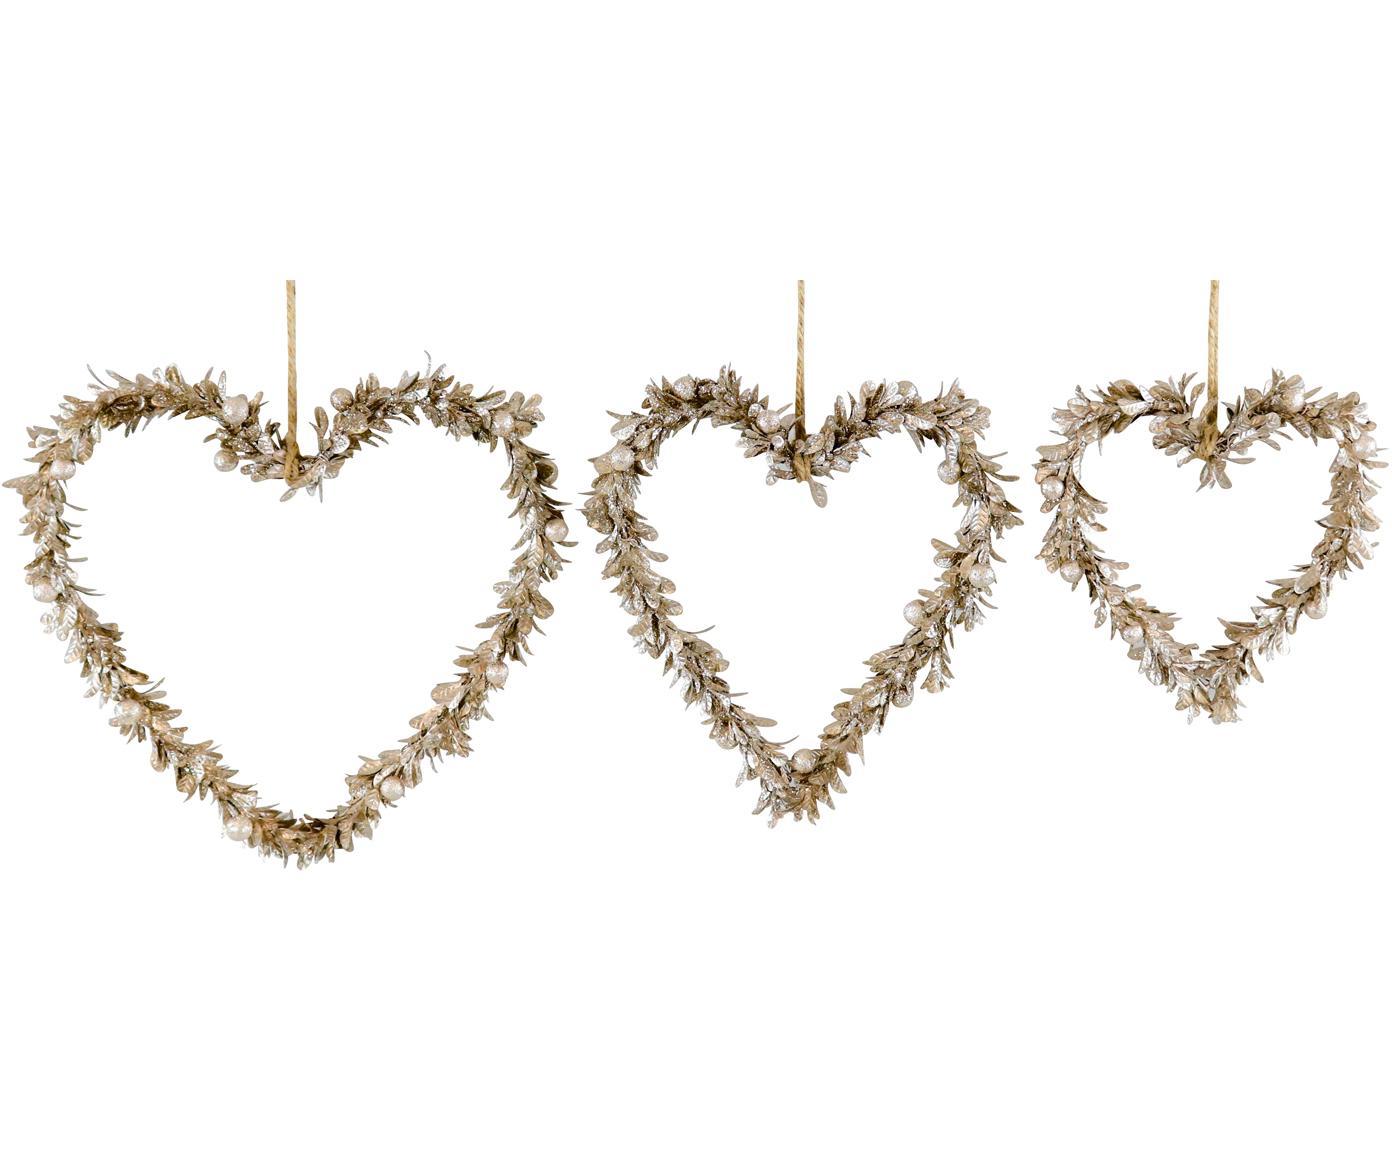 Deko-Anhänger-Set Lovely, 3-tlg., Styropor, Kunststoff, Metall, Holz, Goldfarben, Set mit verschiedenen Grössen